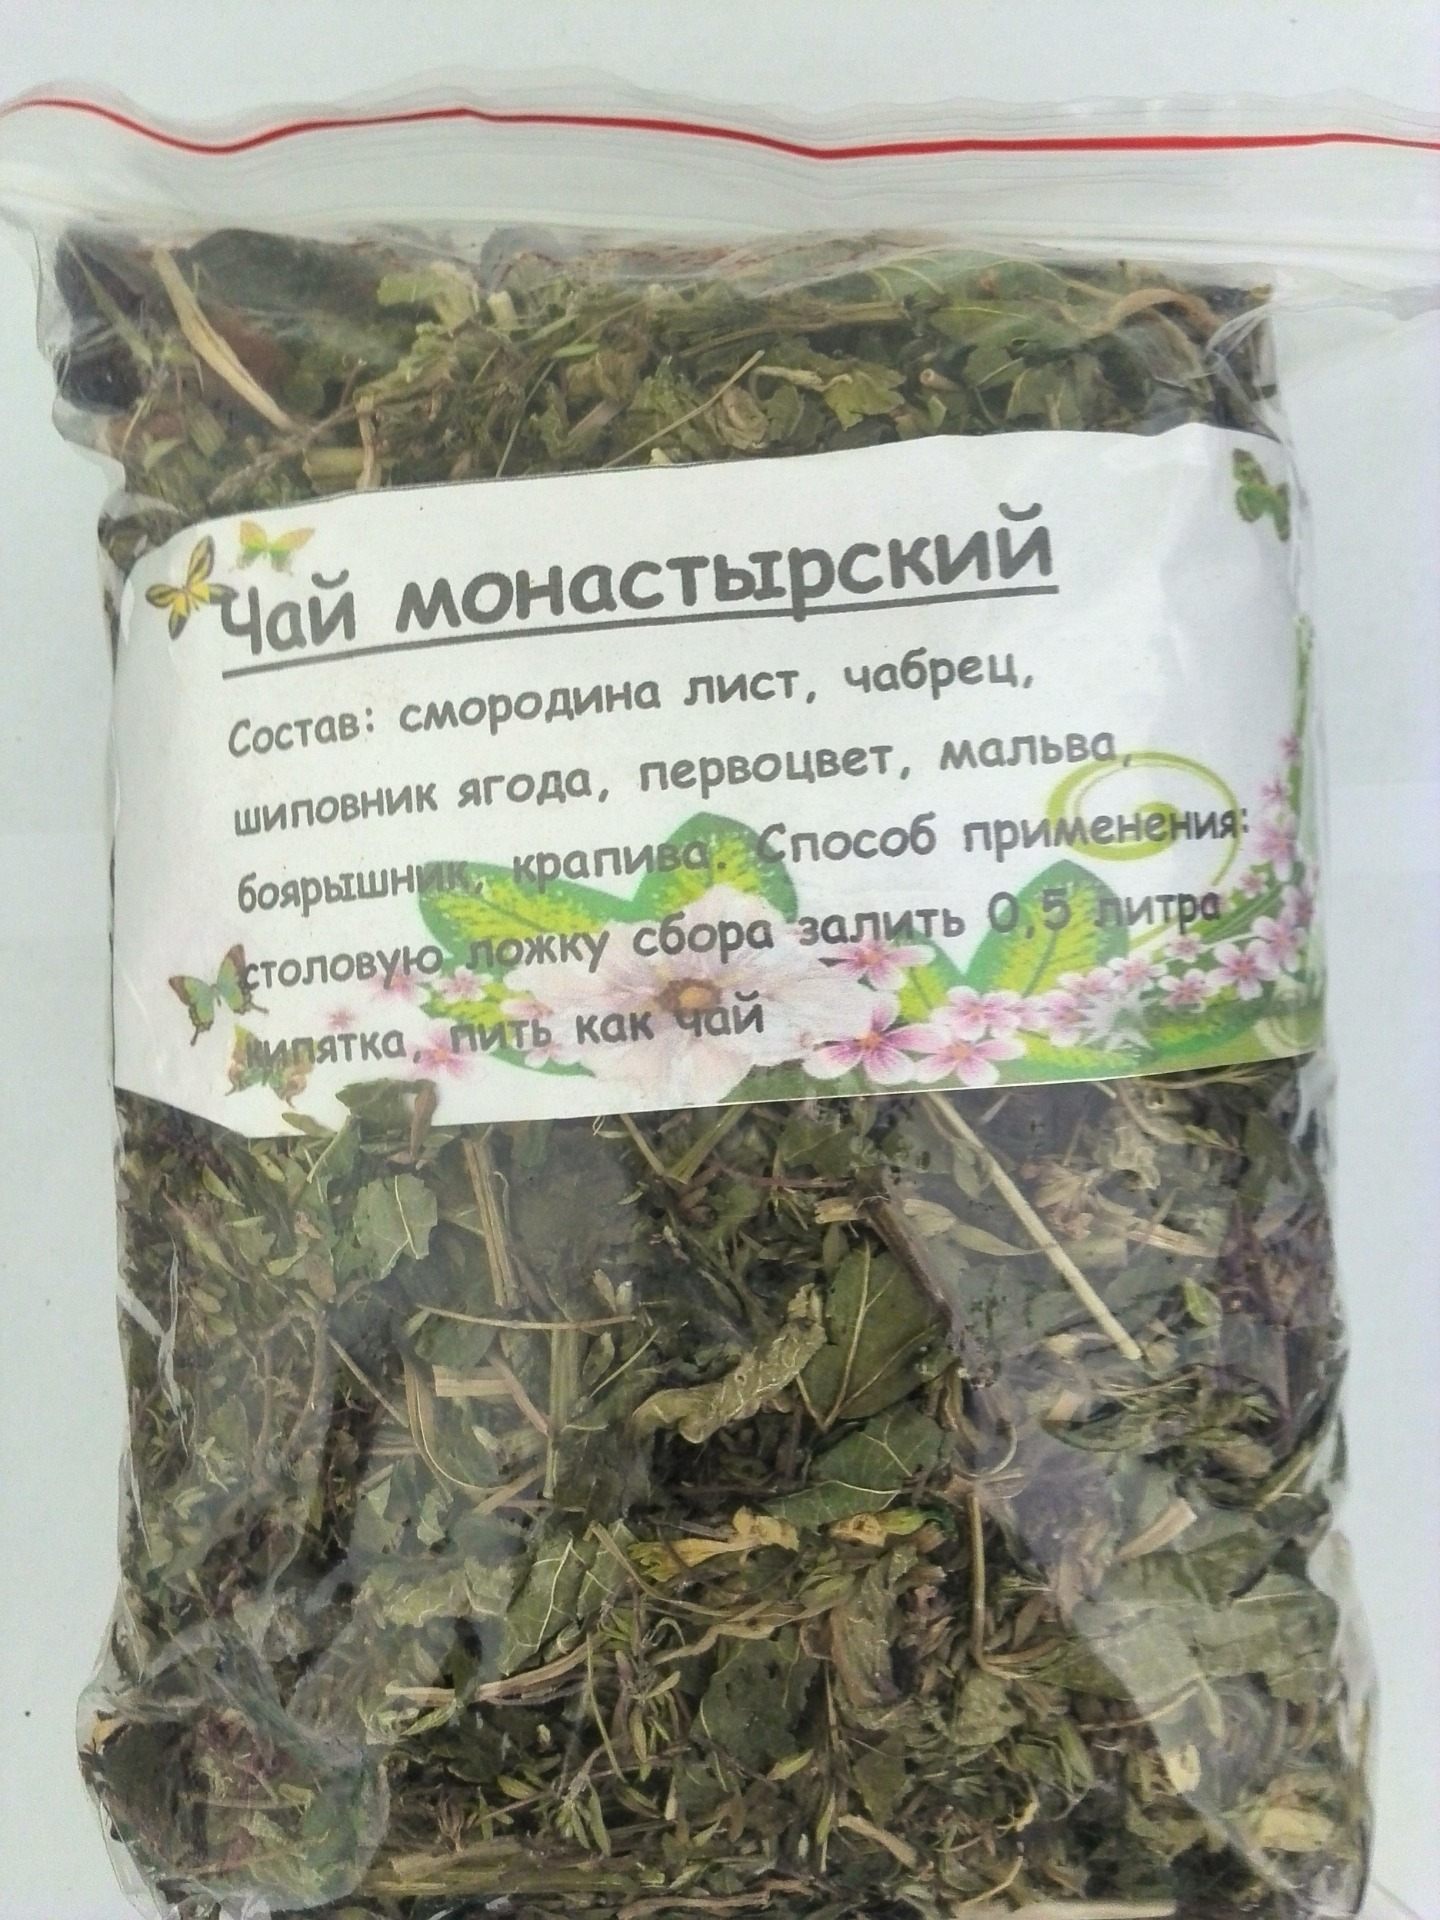 монастырский чай от паразитов цена в аптеке